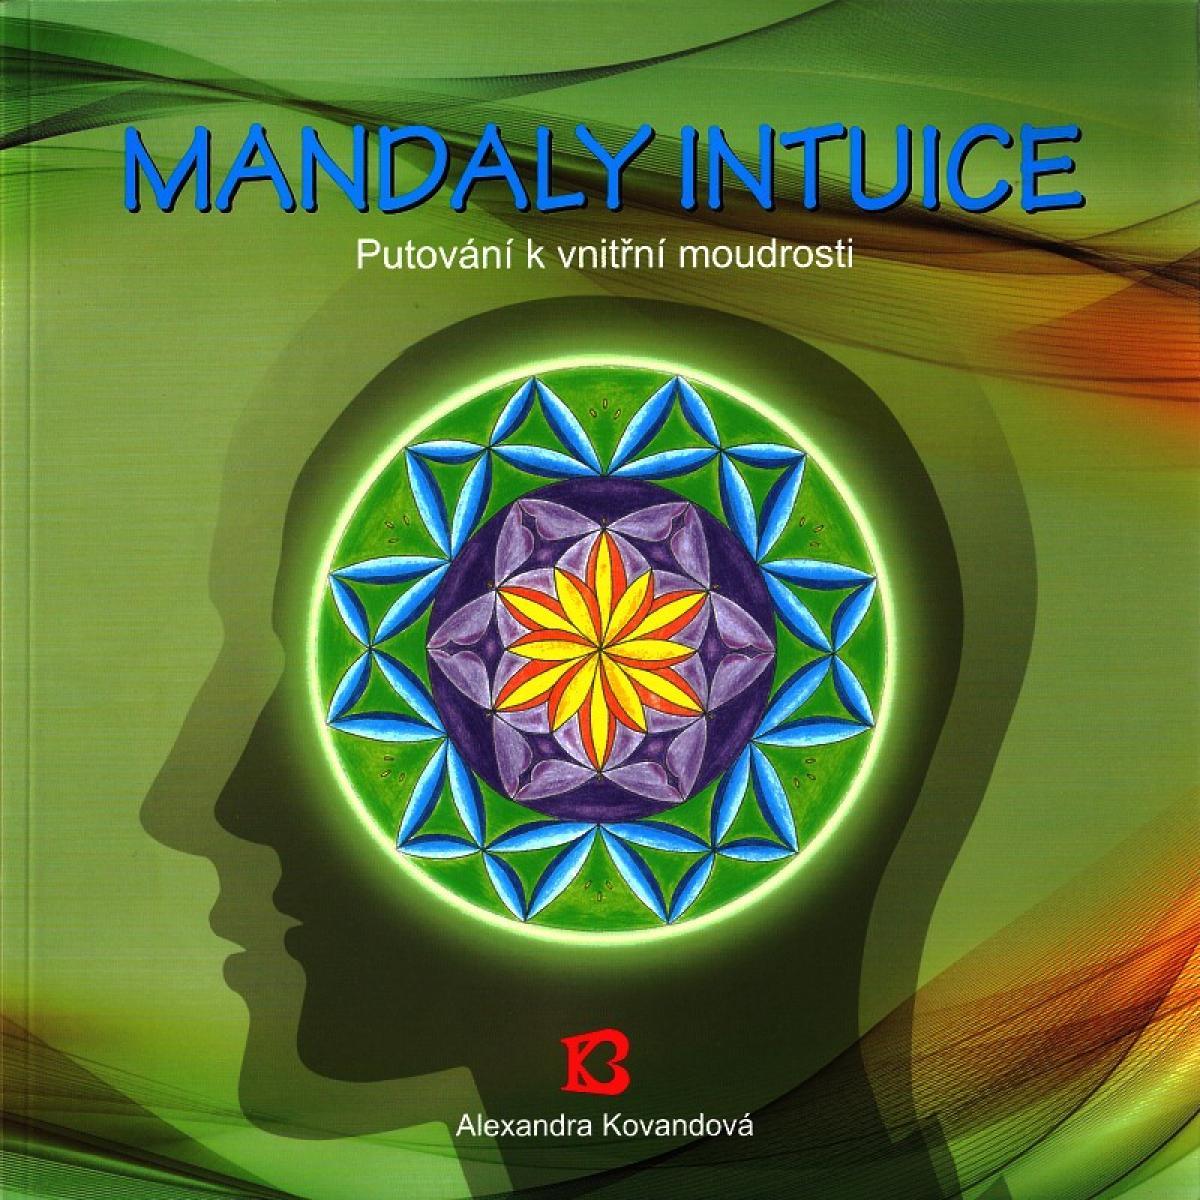 Mandaly intuice - Putování k vnitřní moudrosti - Kovandová Alexandra